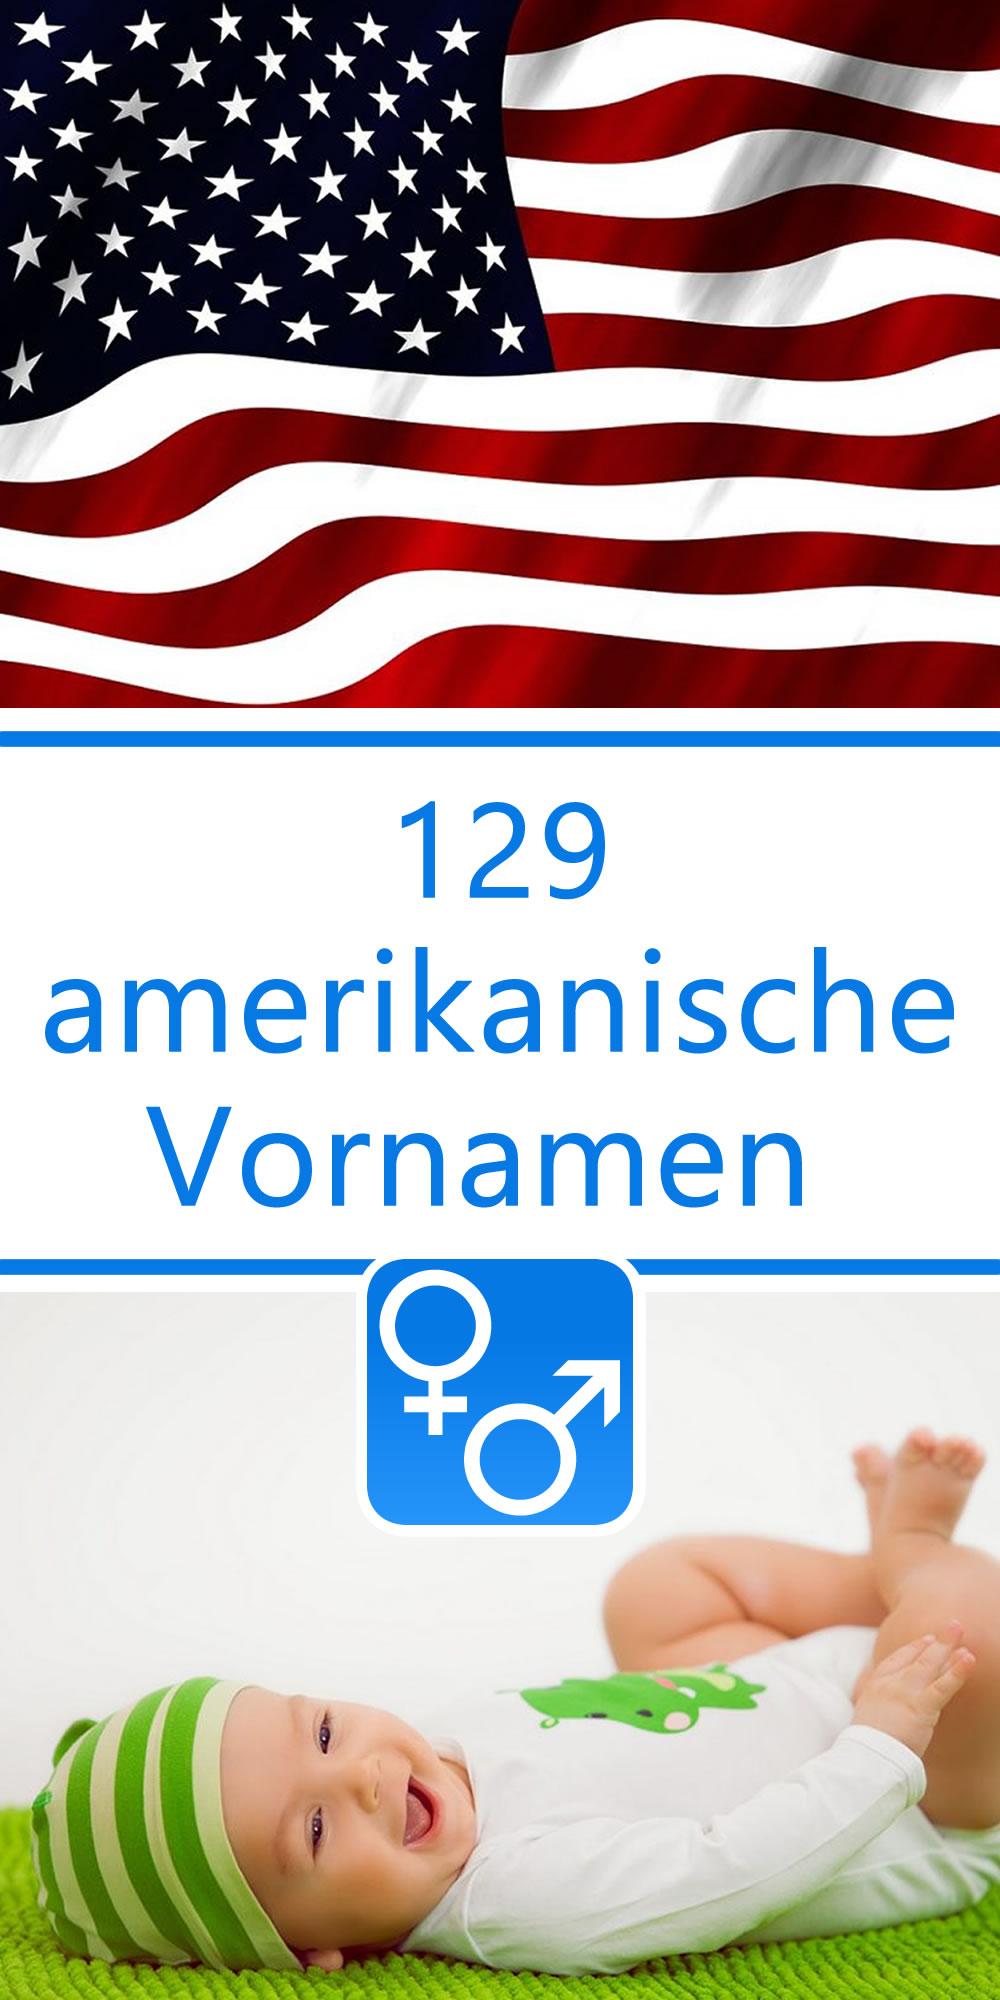 129 Amerikanische Vornamen Für Jungen Und Mädchen